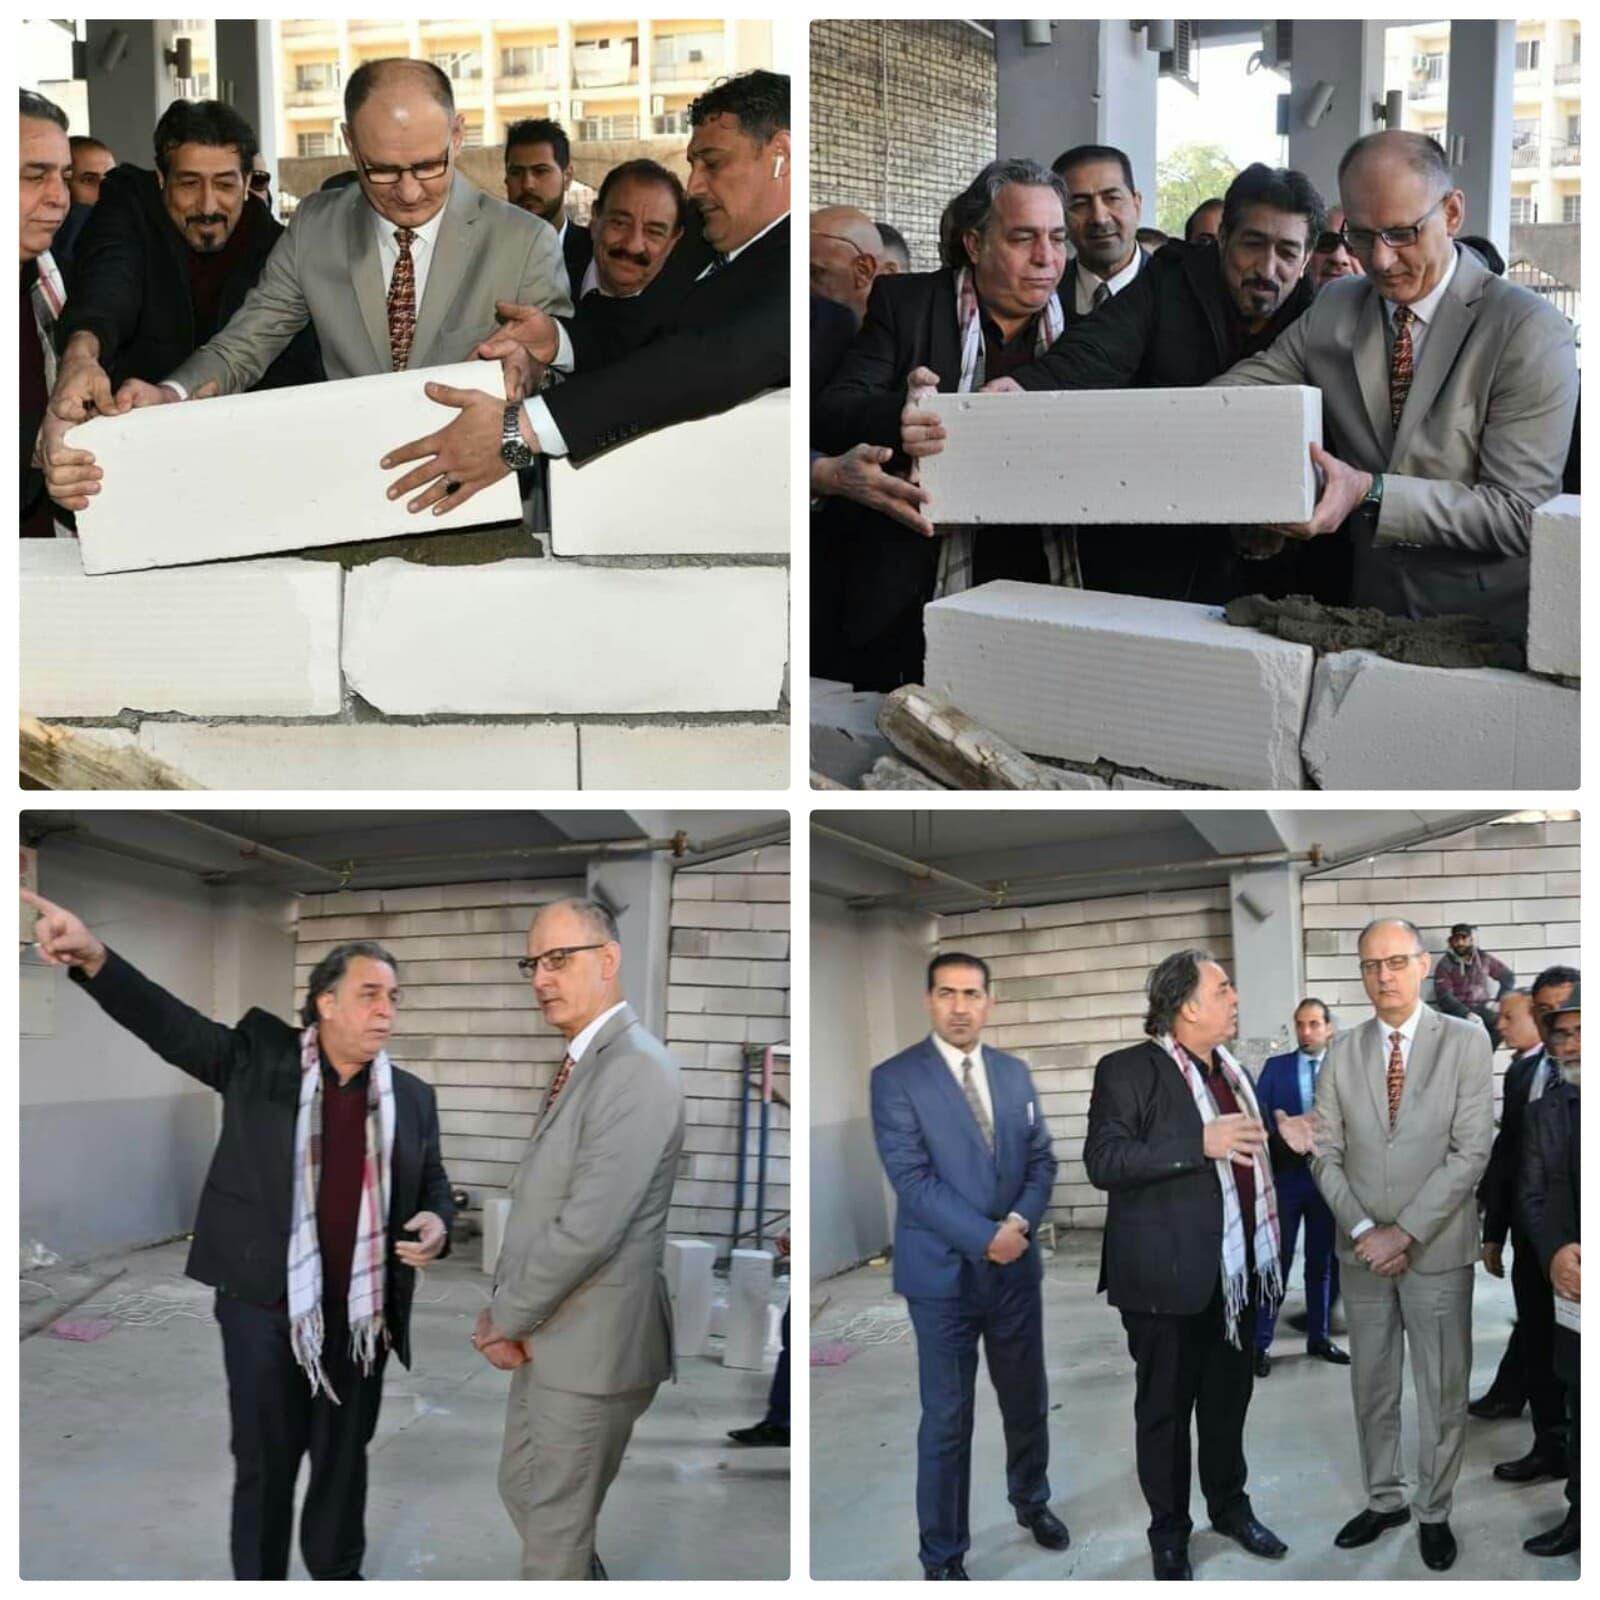 بالعراق: (الحمداني) يضع حجر الأساس لمسرح بغداد وسط العاصمة/ محمد سامي